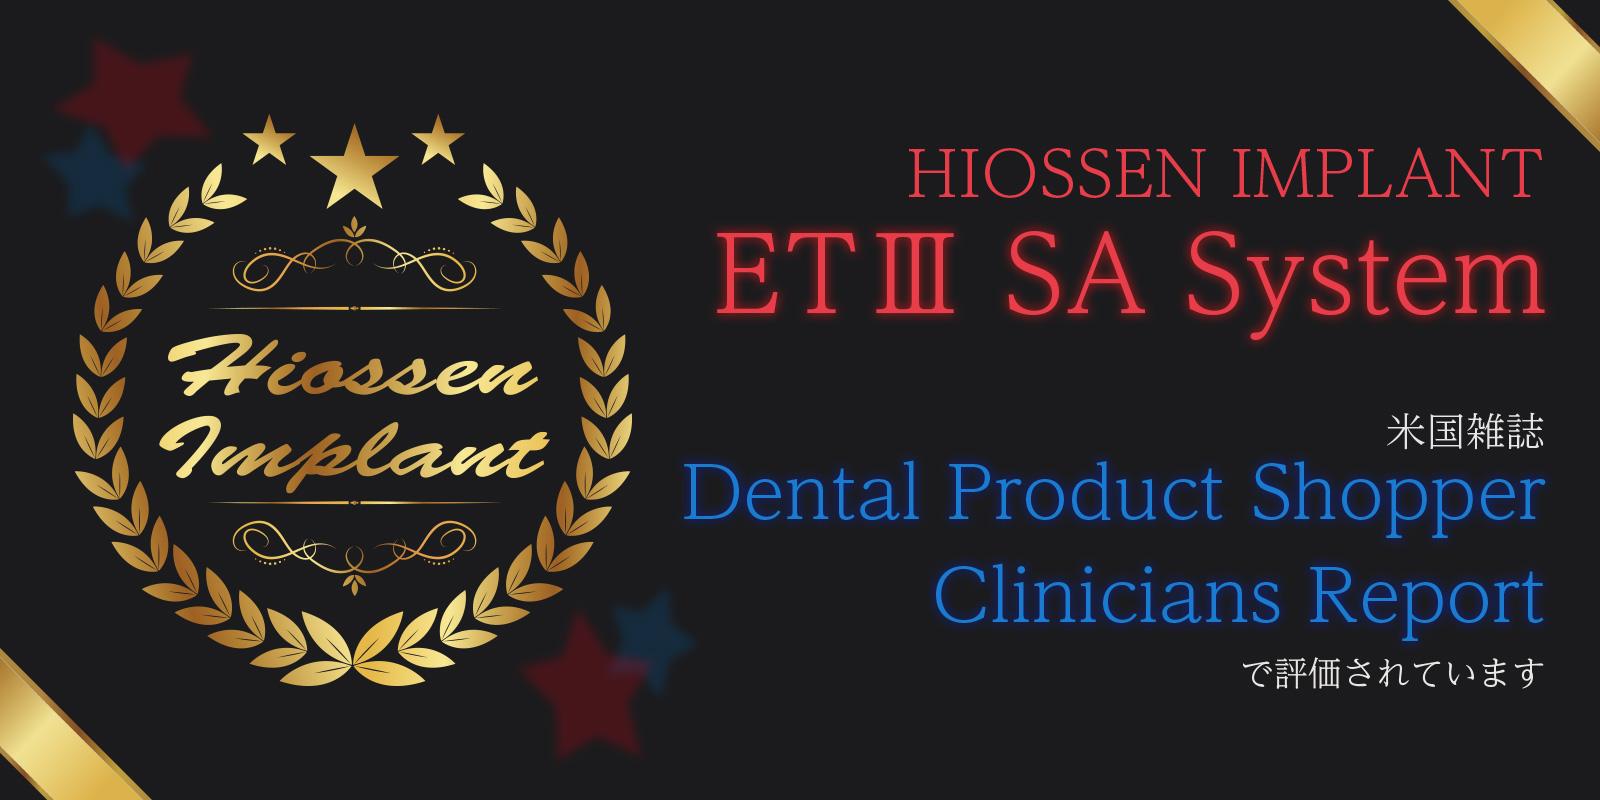 米国雑誌 DentalProductShopper CliniciansReport